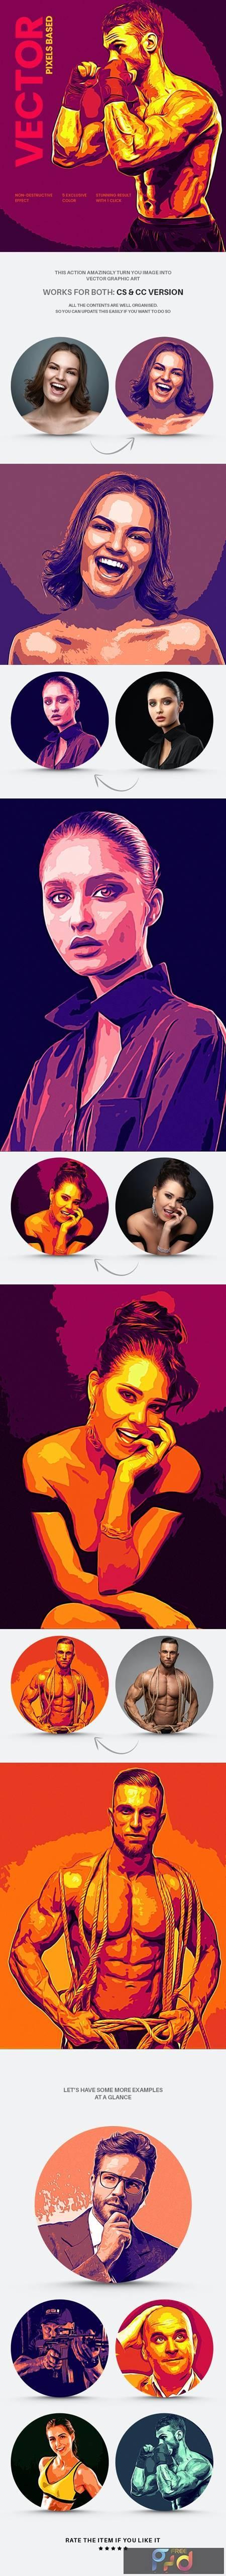 Vector Graphics Art Action 29430033 1